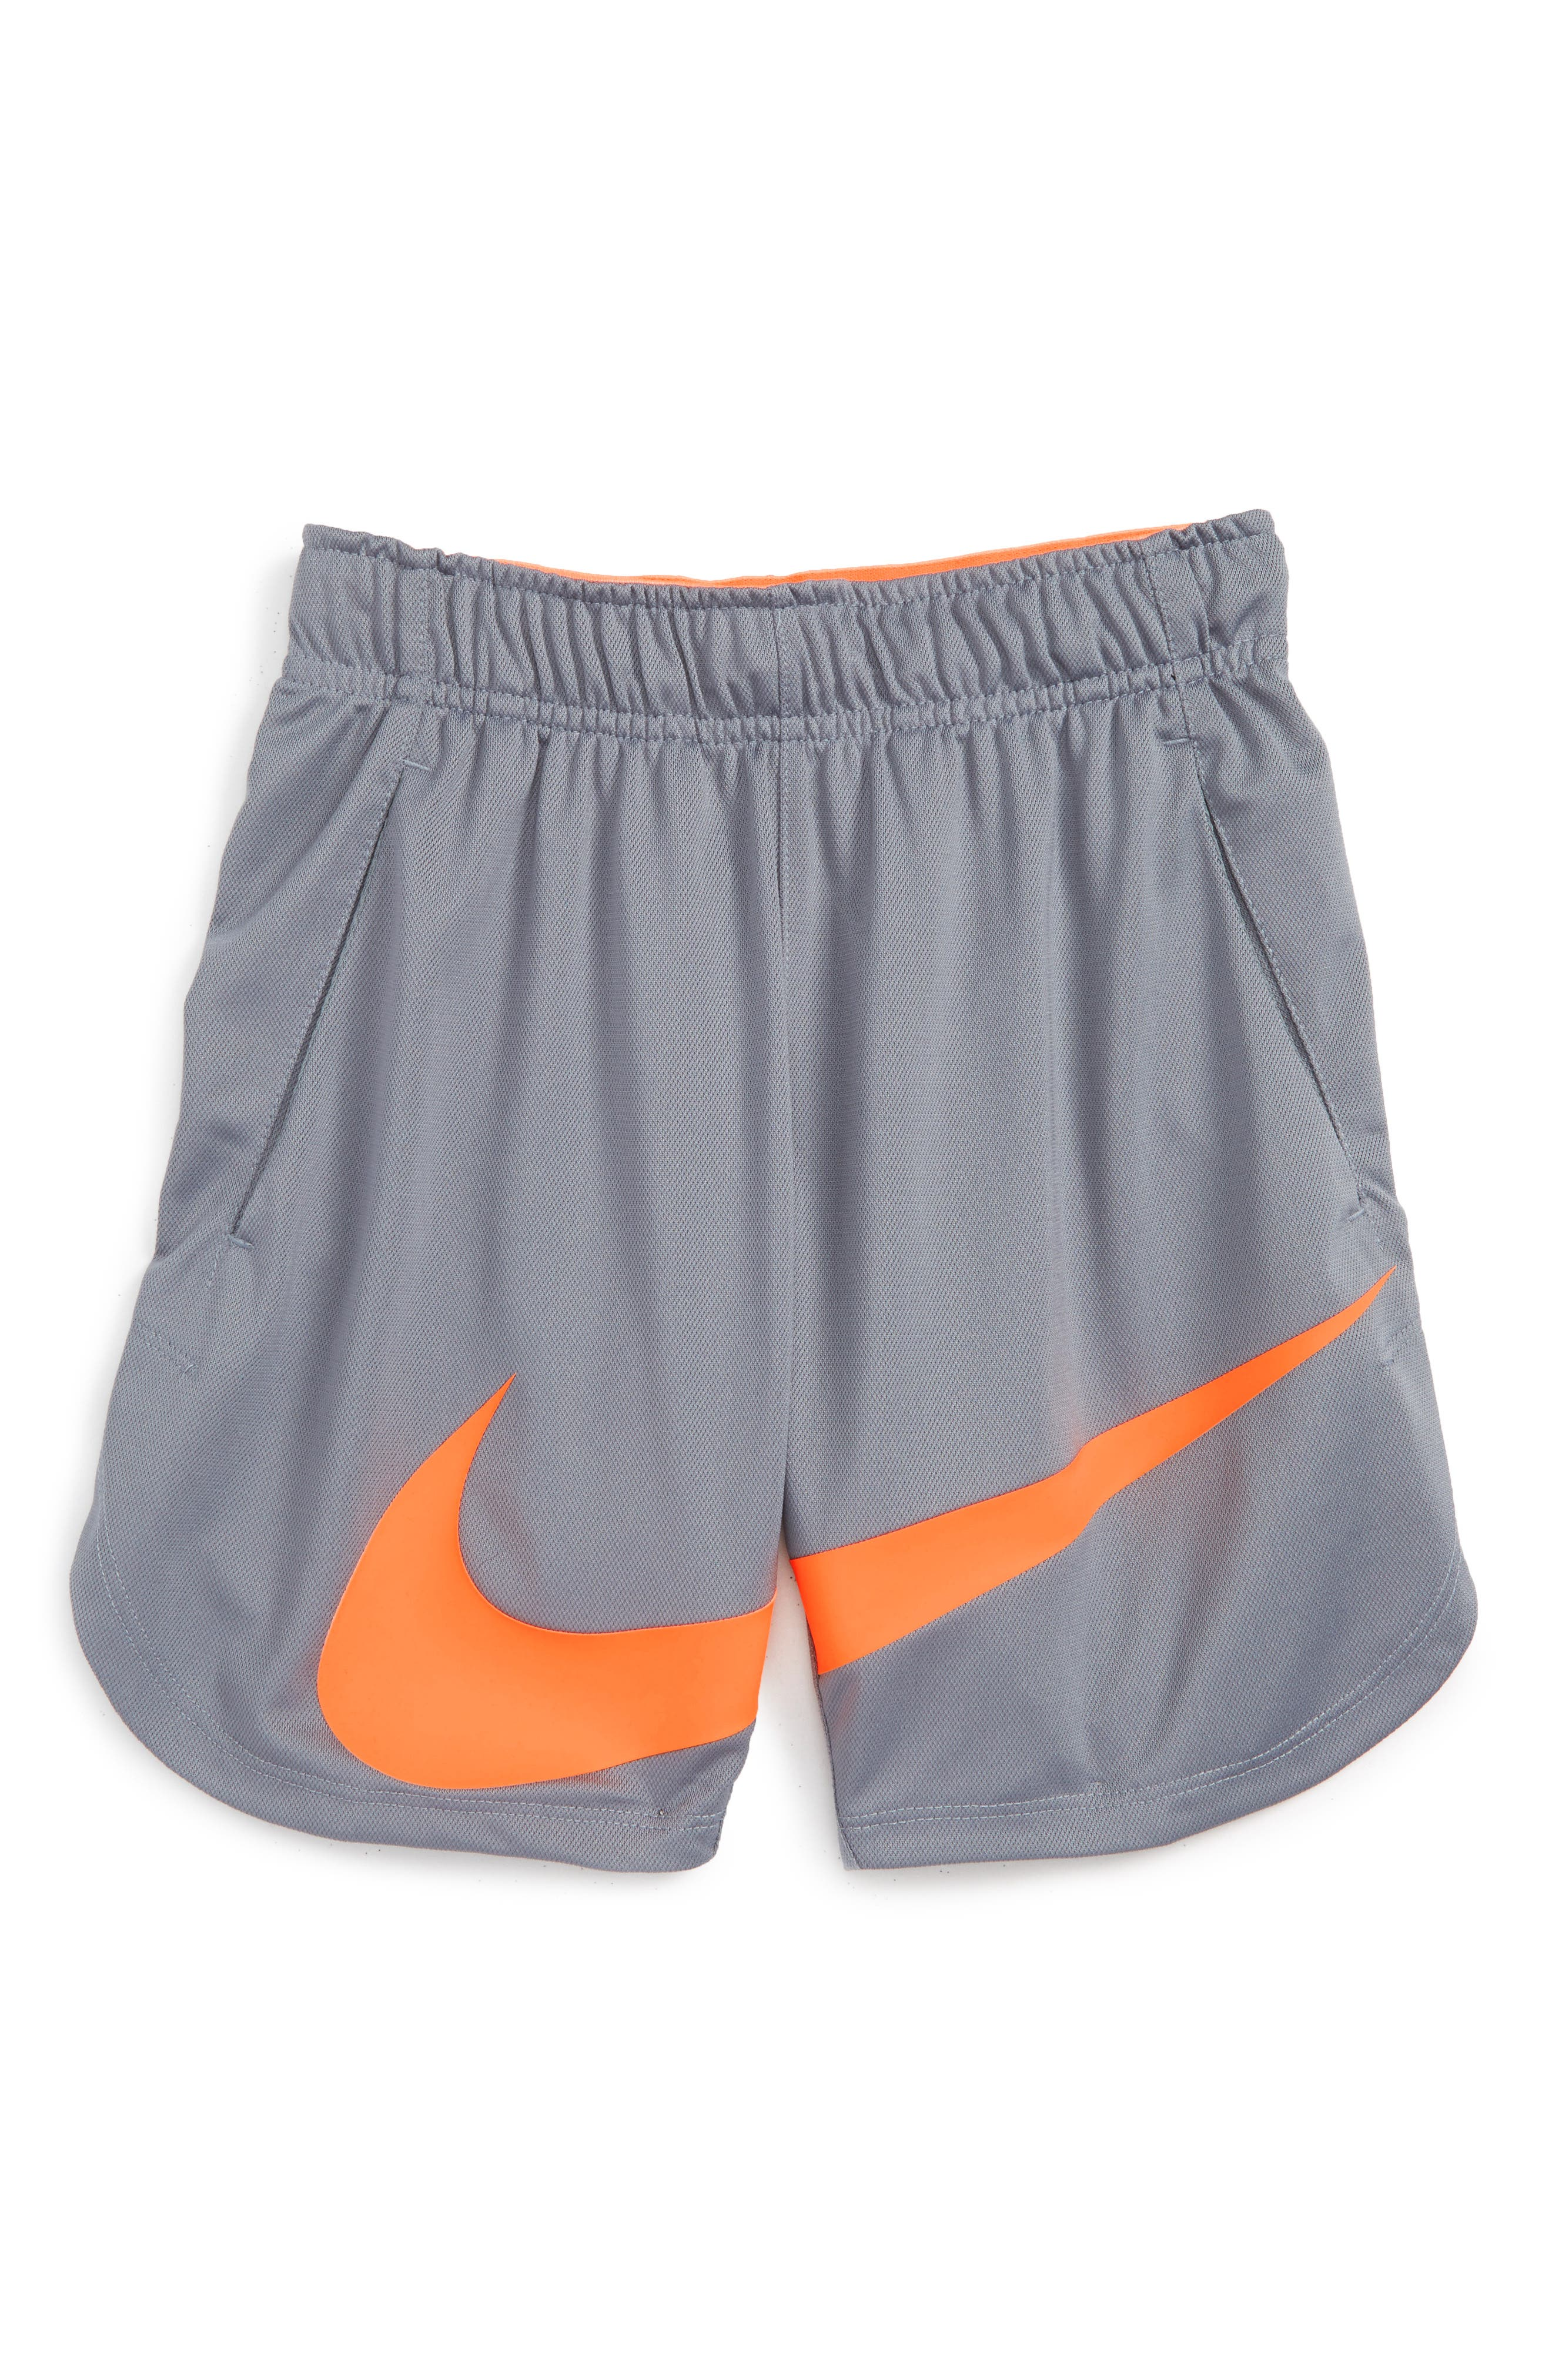 NIKE Vent GFX Dri-FIT Shorts